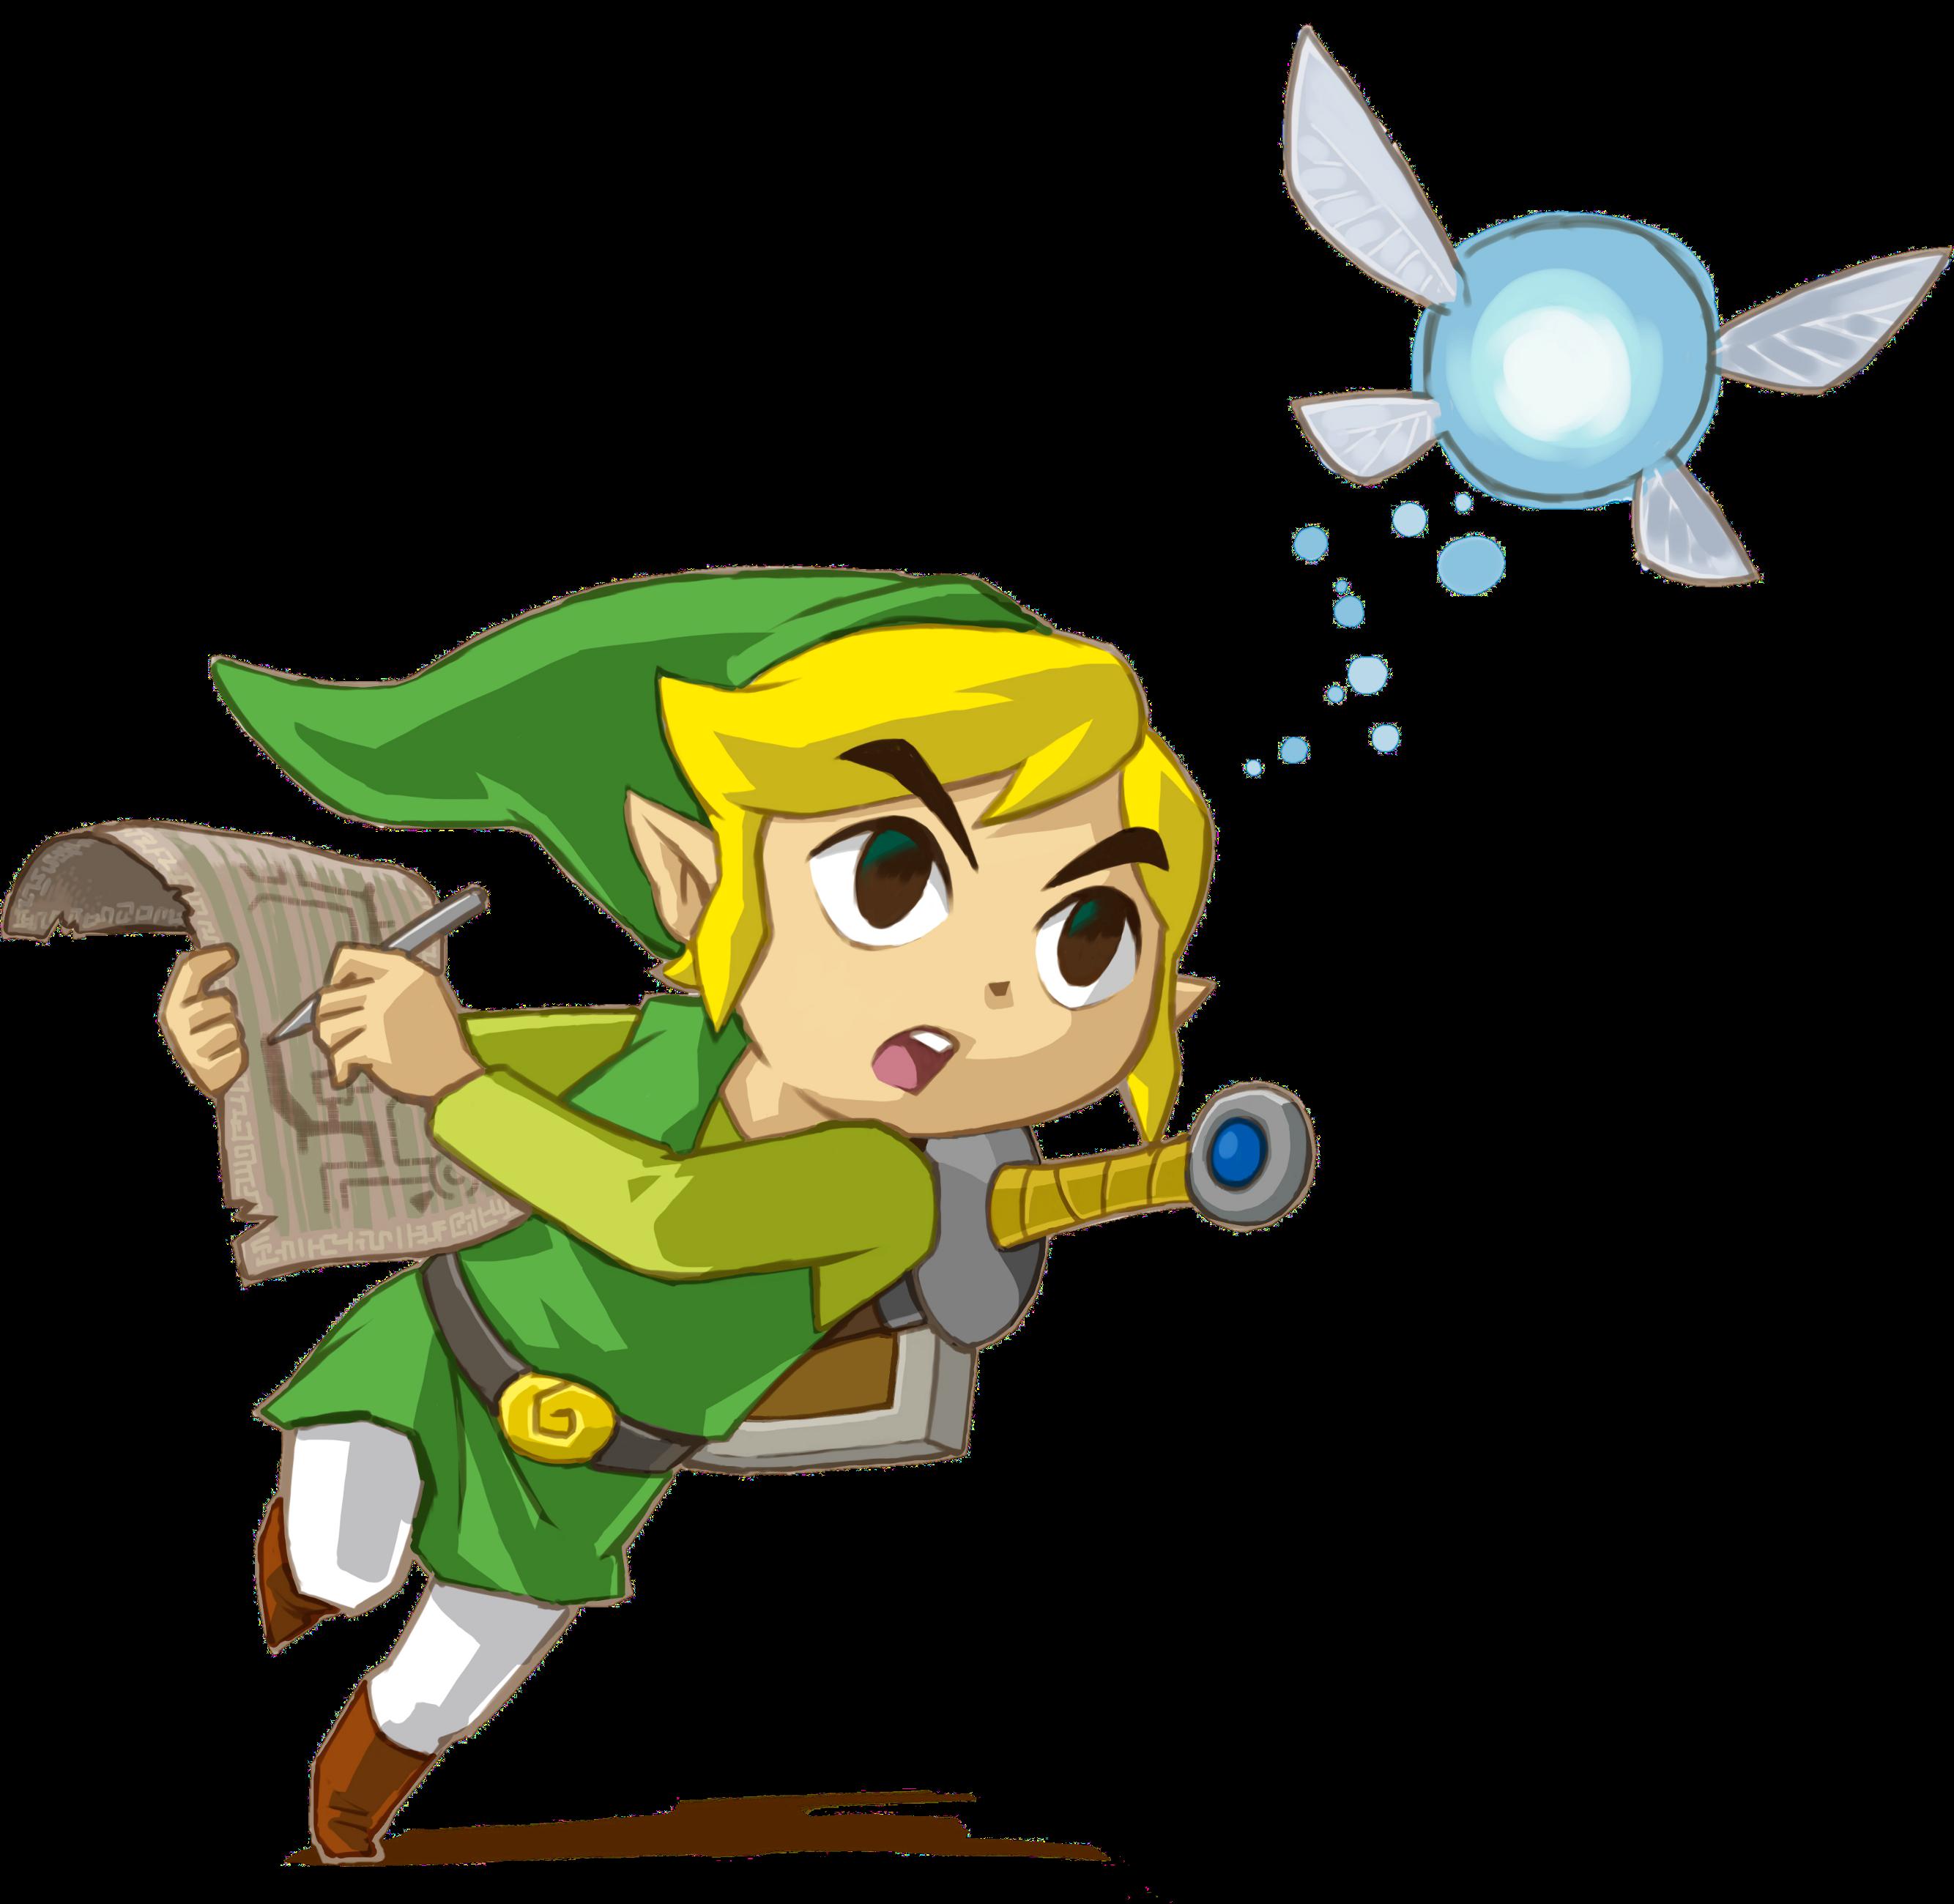 cest le mme link que dans the wind waker aprs son dpart avec les pirates aprs que tetra se soit engouffre sur le navire fantme elle disparat et - Link Et Zelda